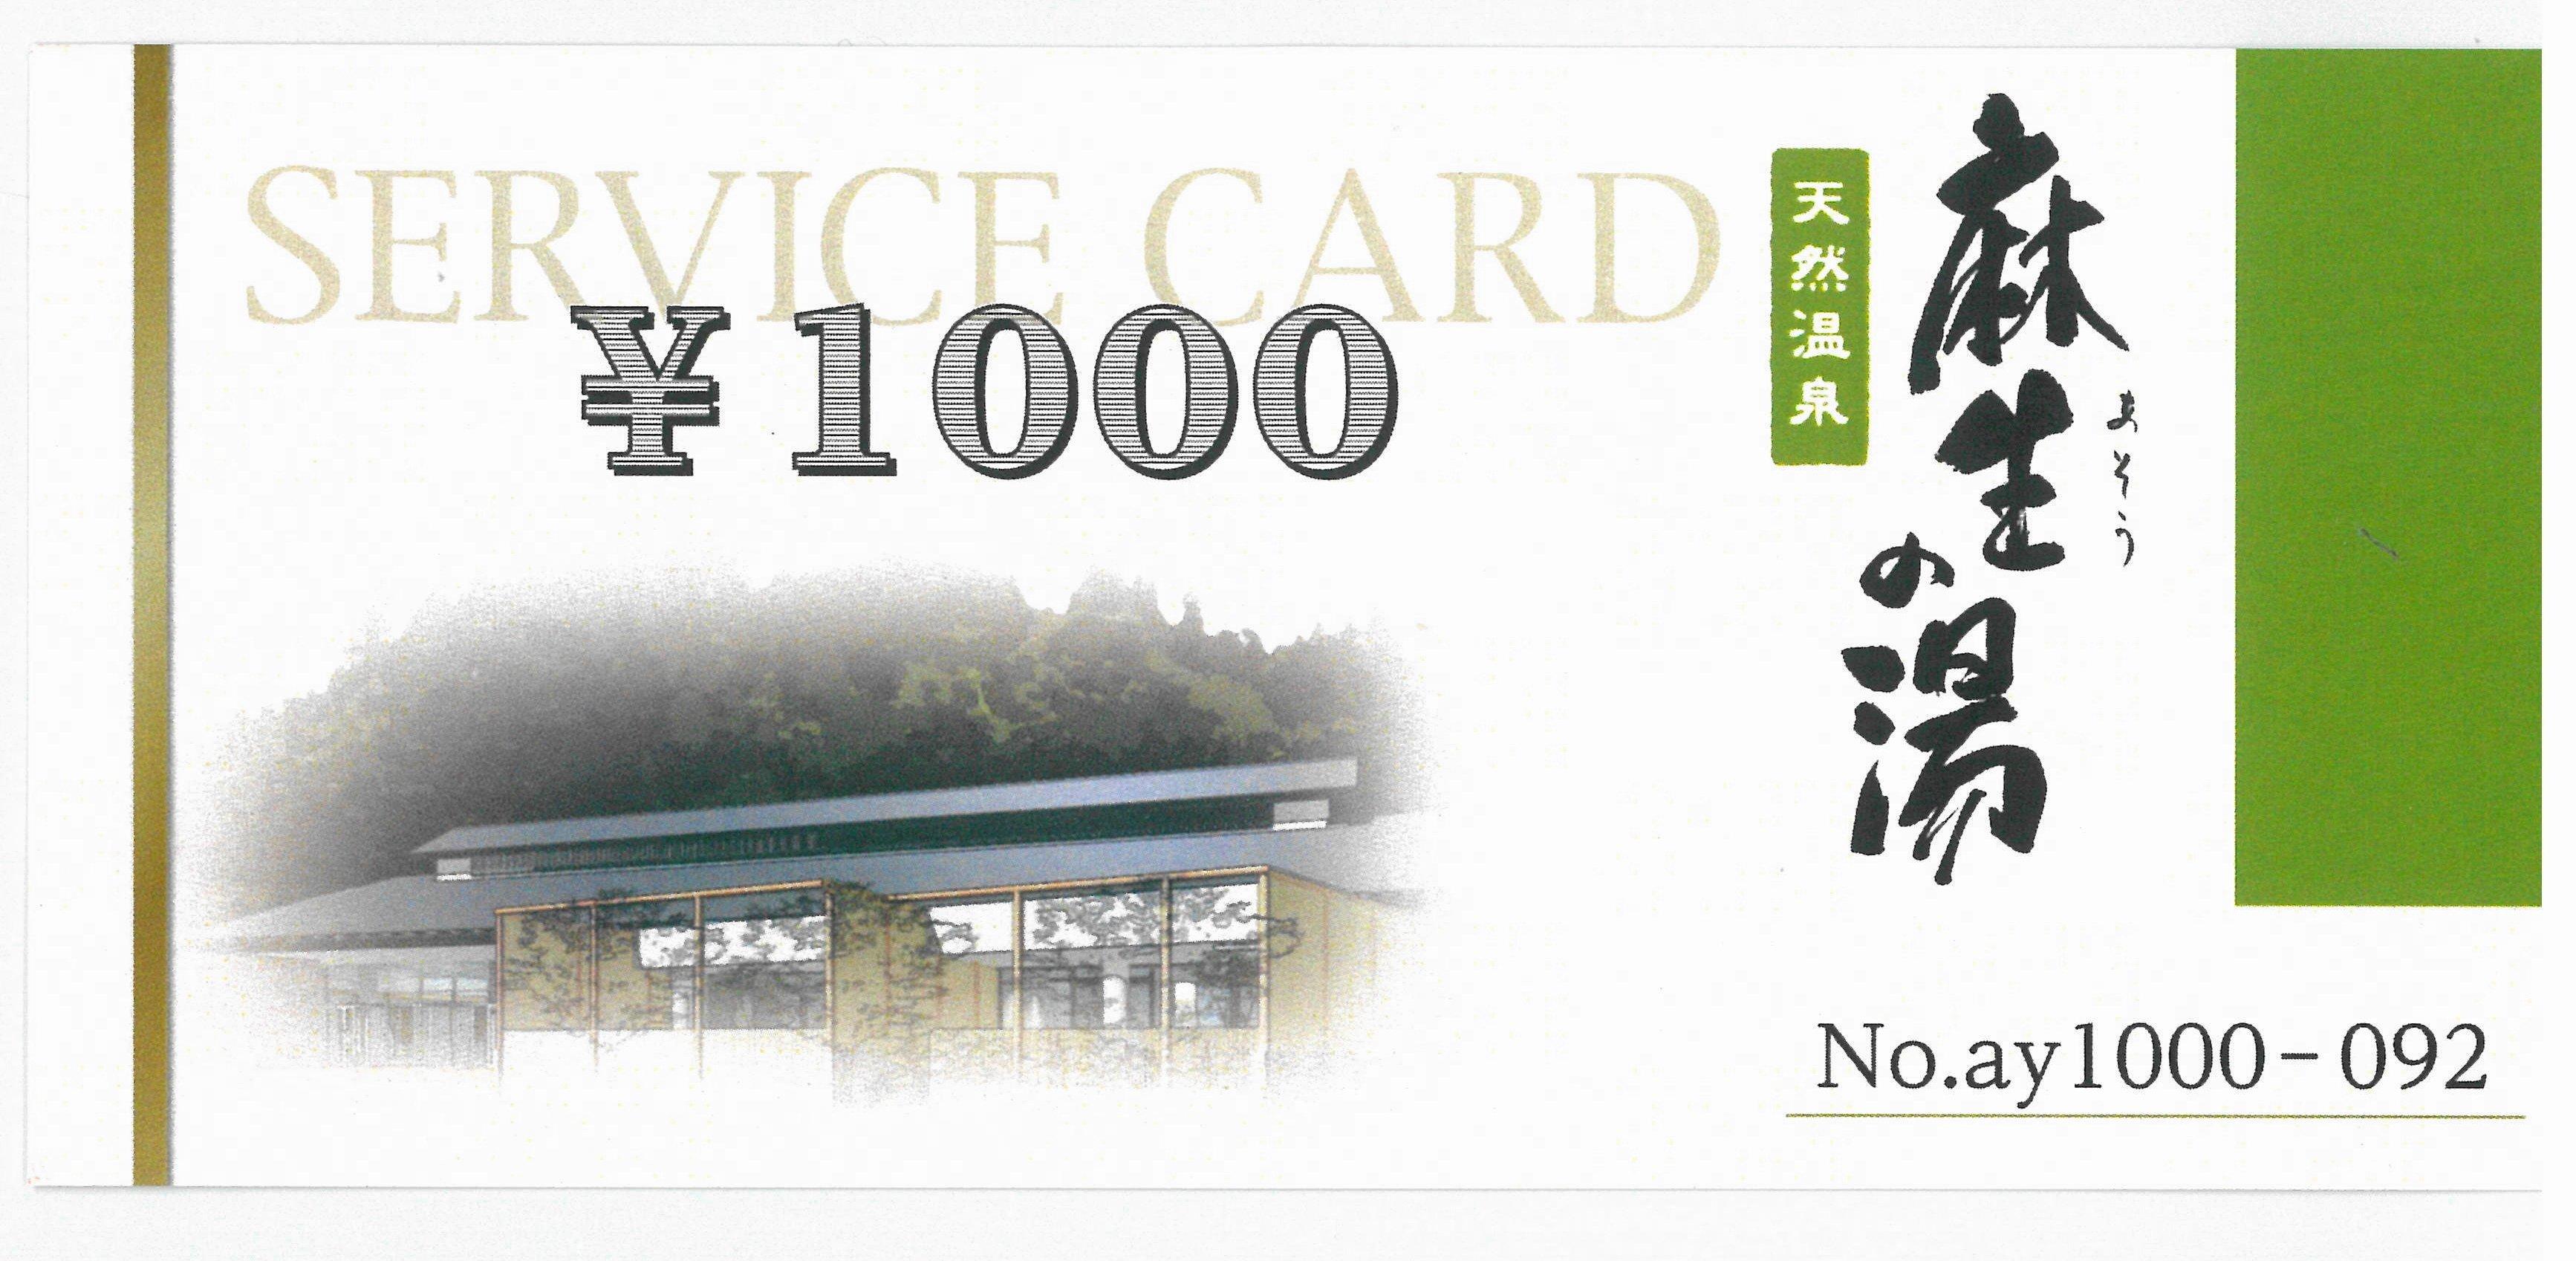 SERVICE CARD 1000円金券のイメージその1